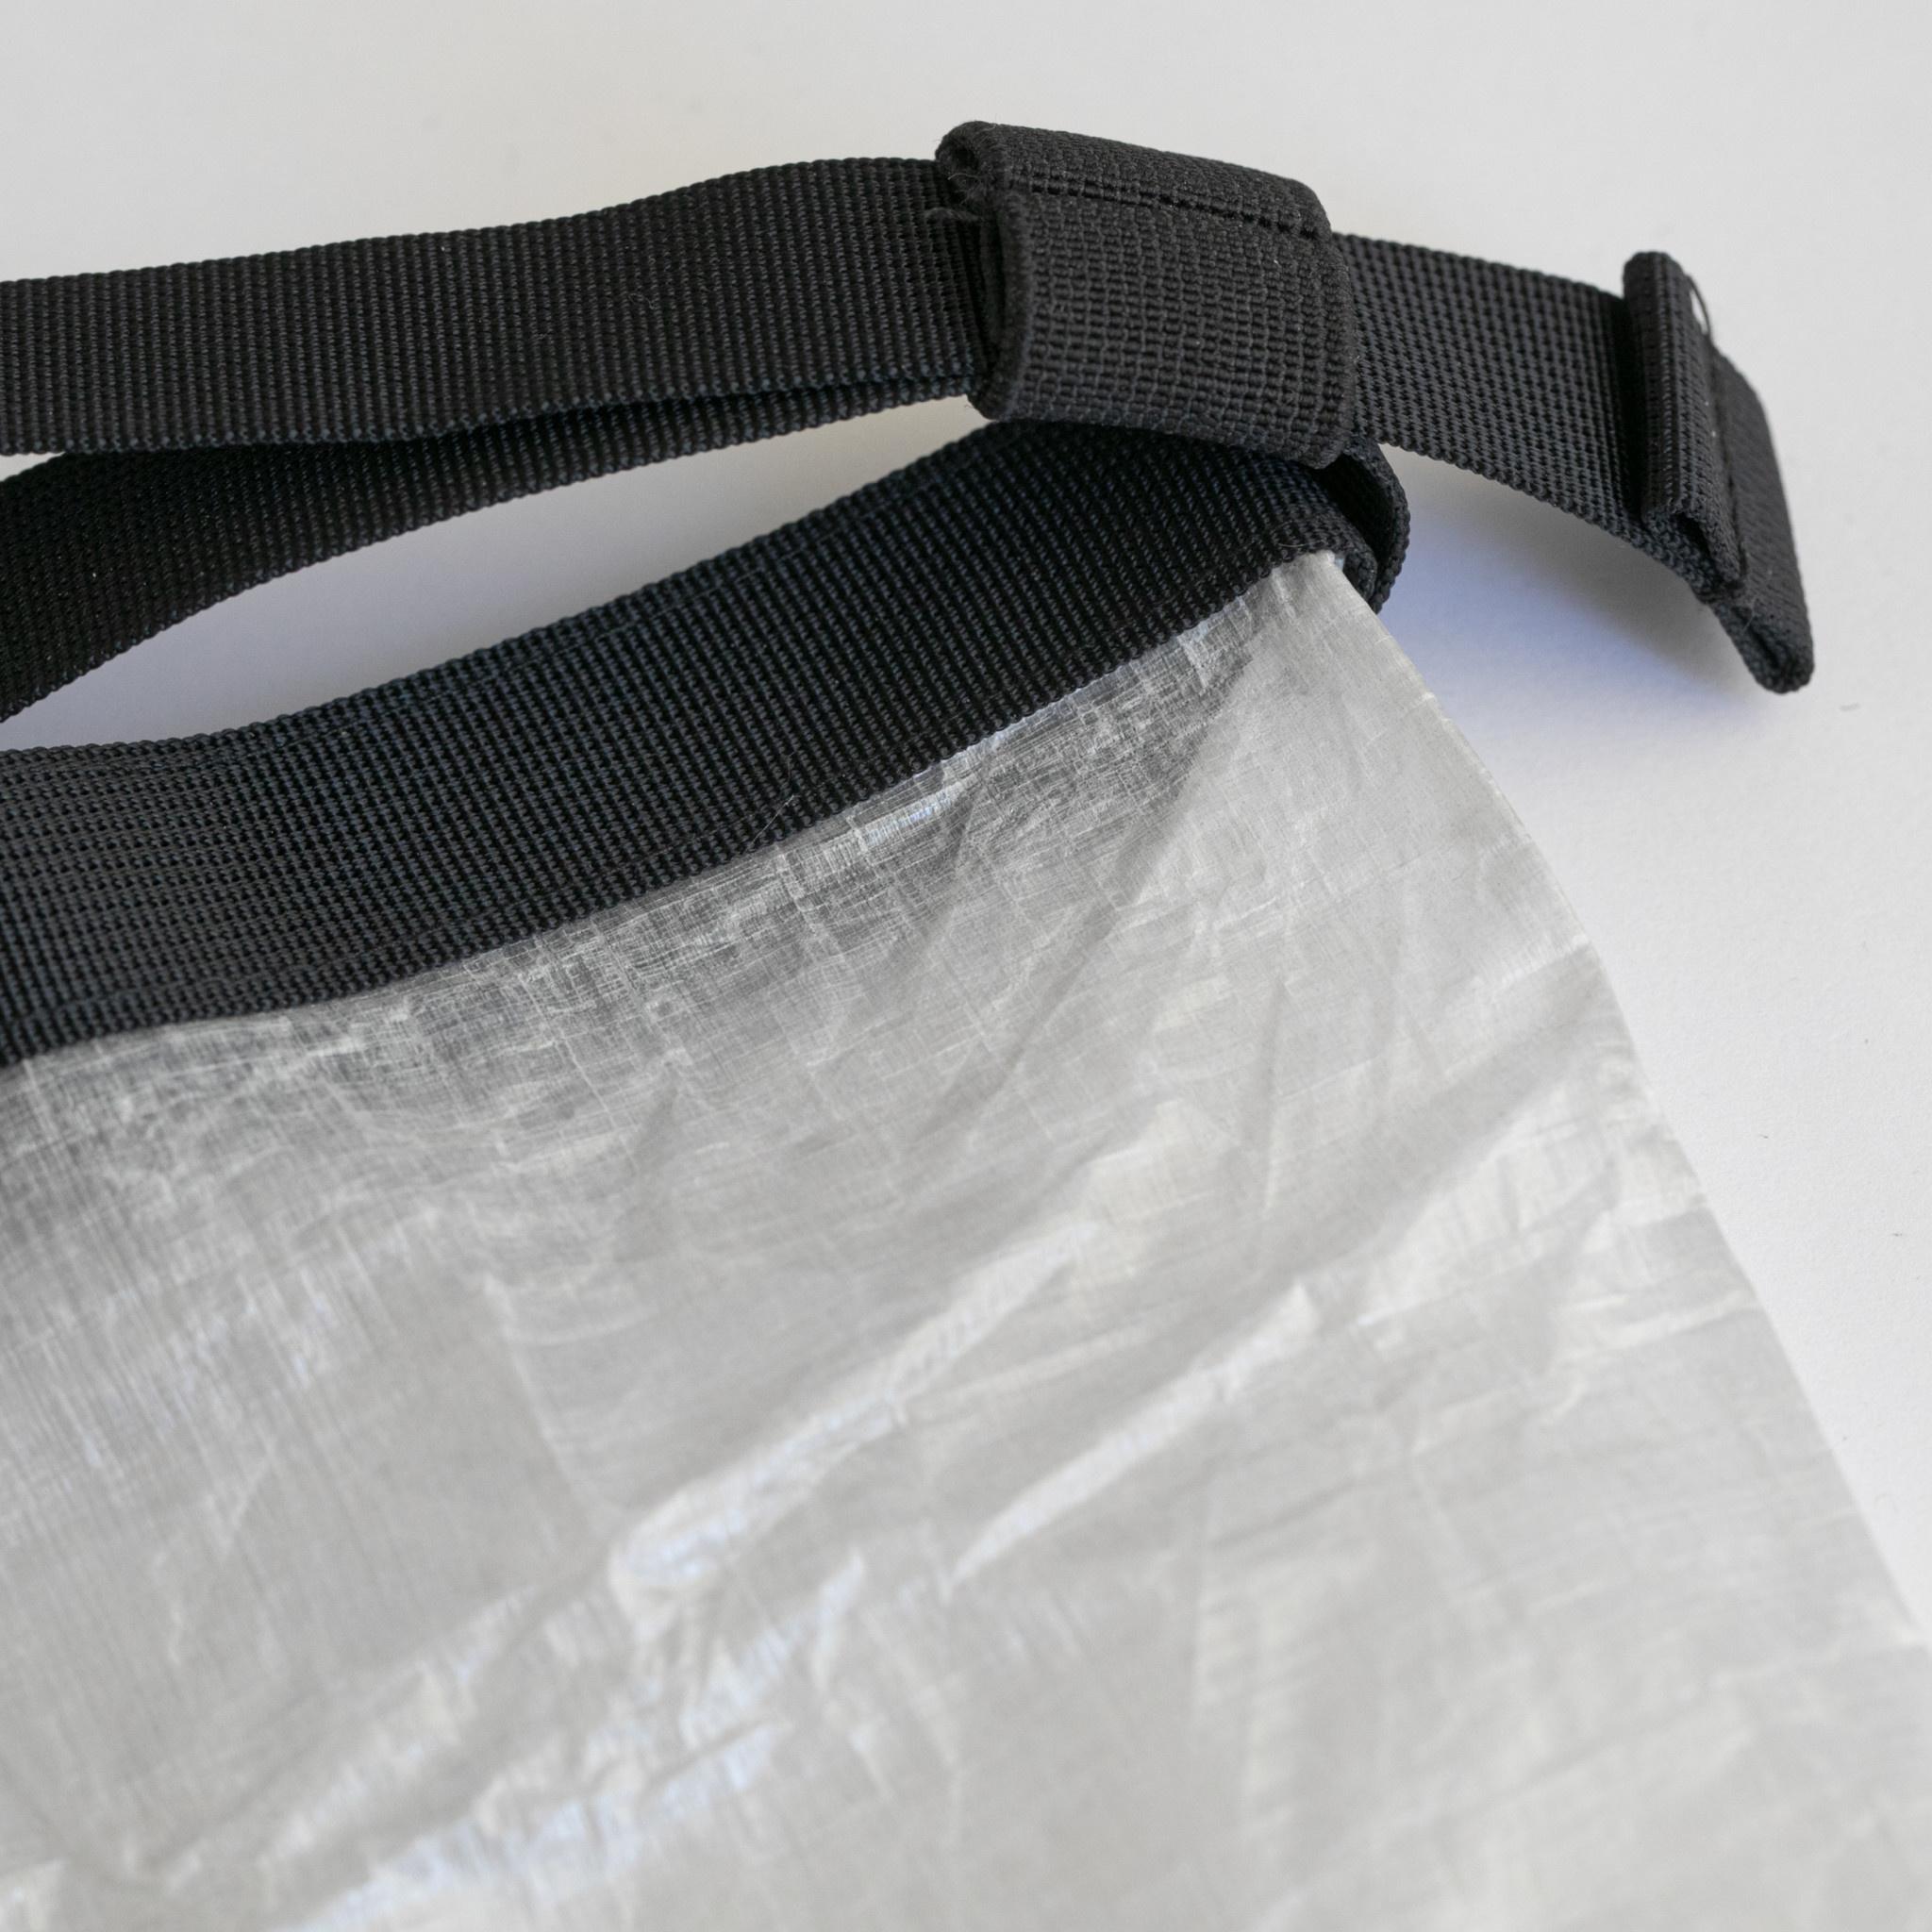 Fairweather Fairweather - Packable Sacoche, Dyneema White